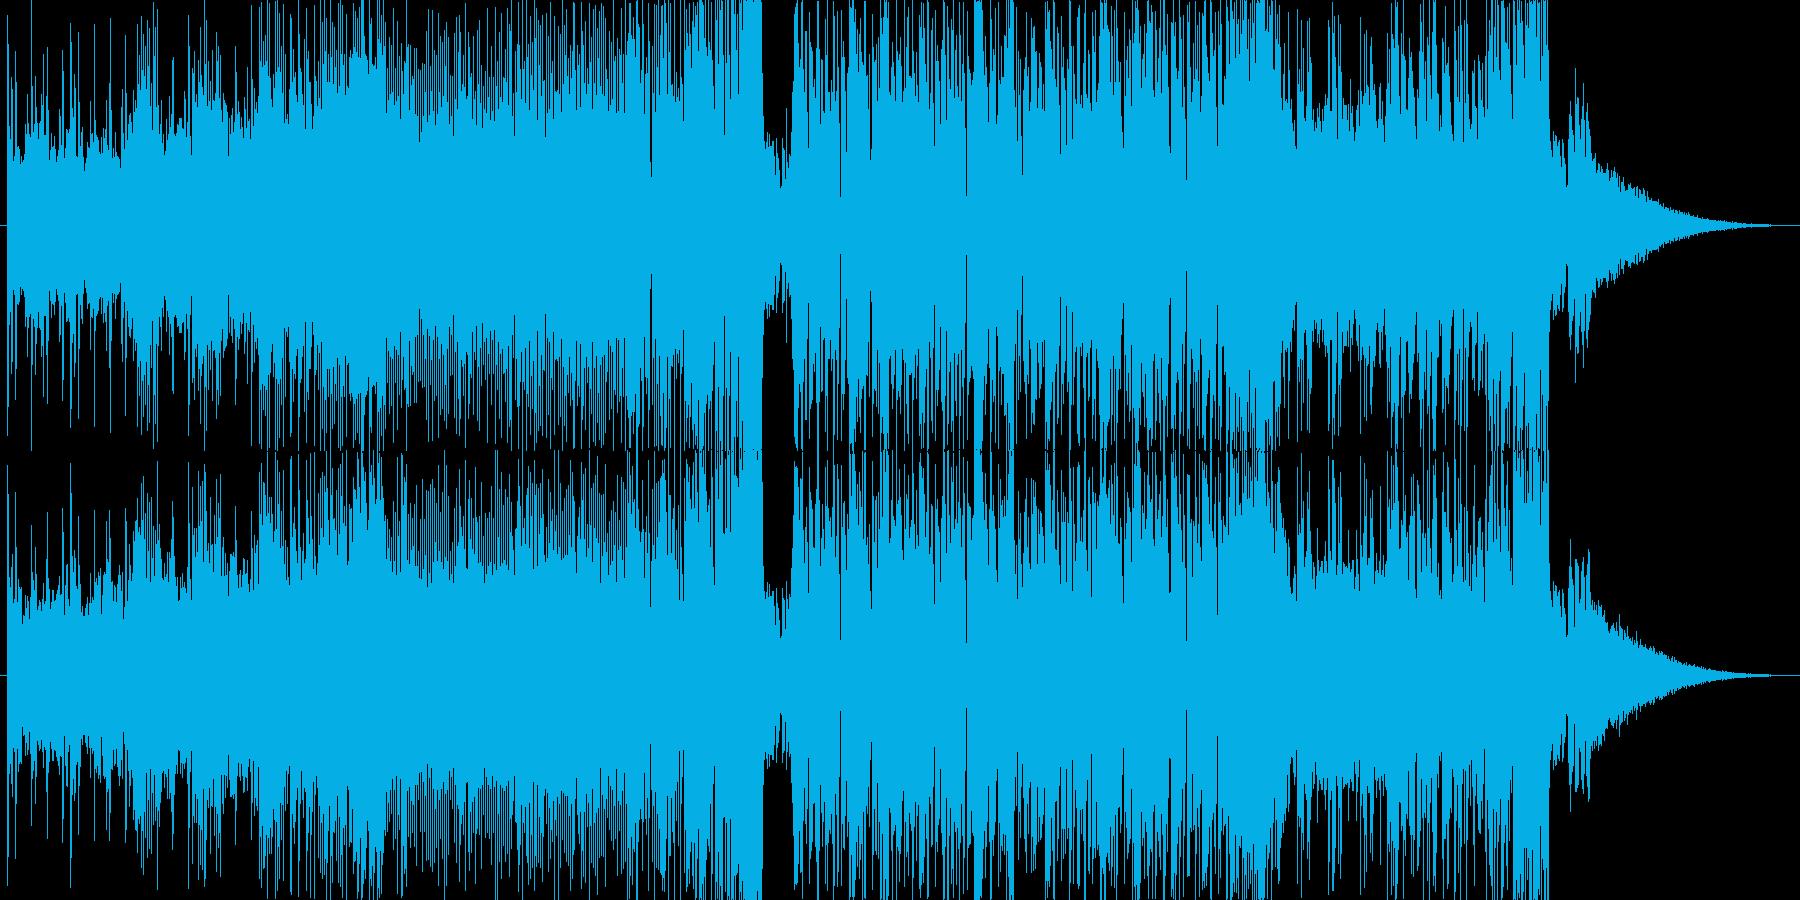 イケイケのベースハウス、EDMの再生済みの波形